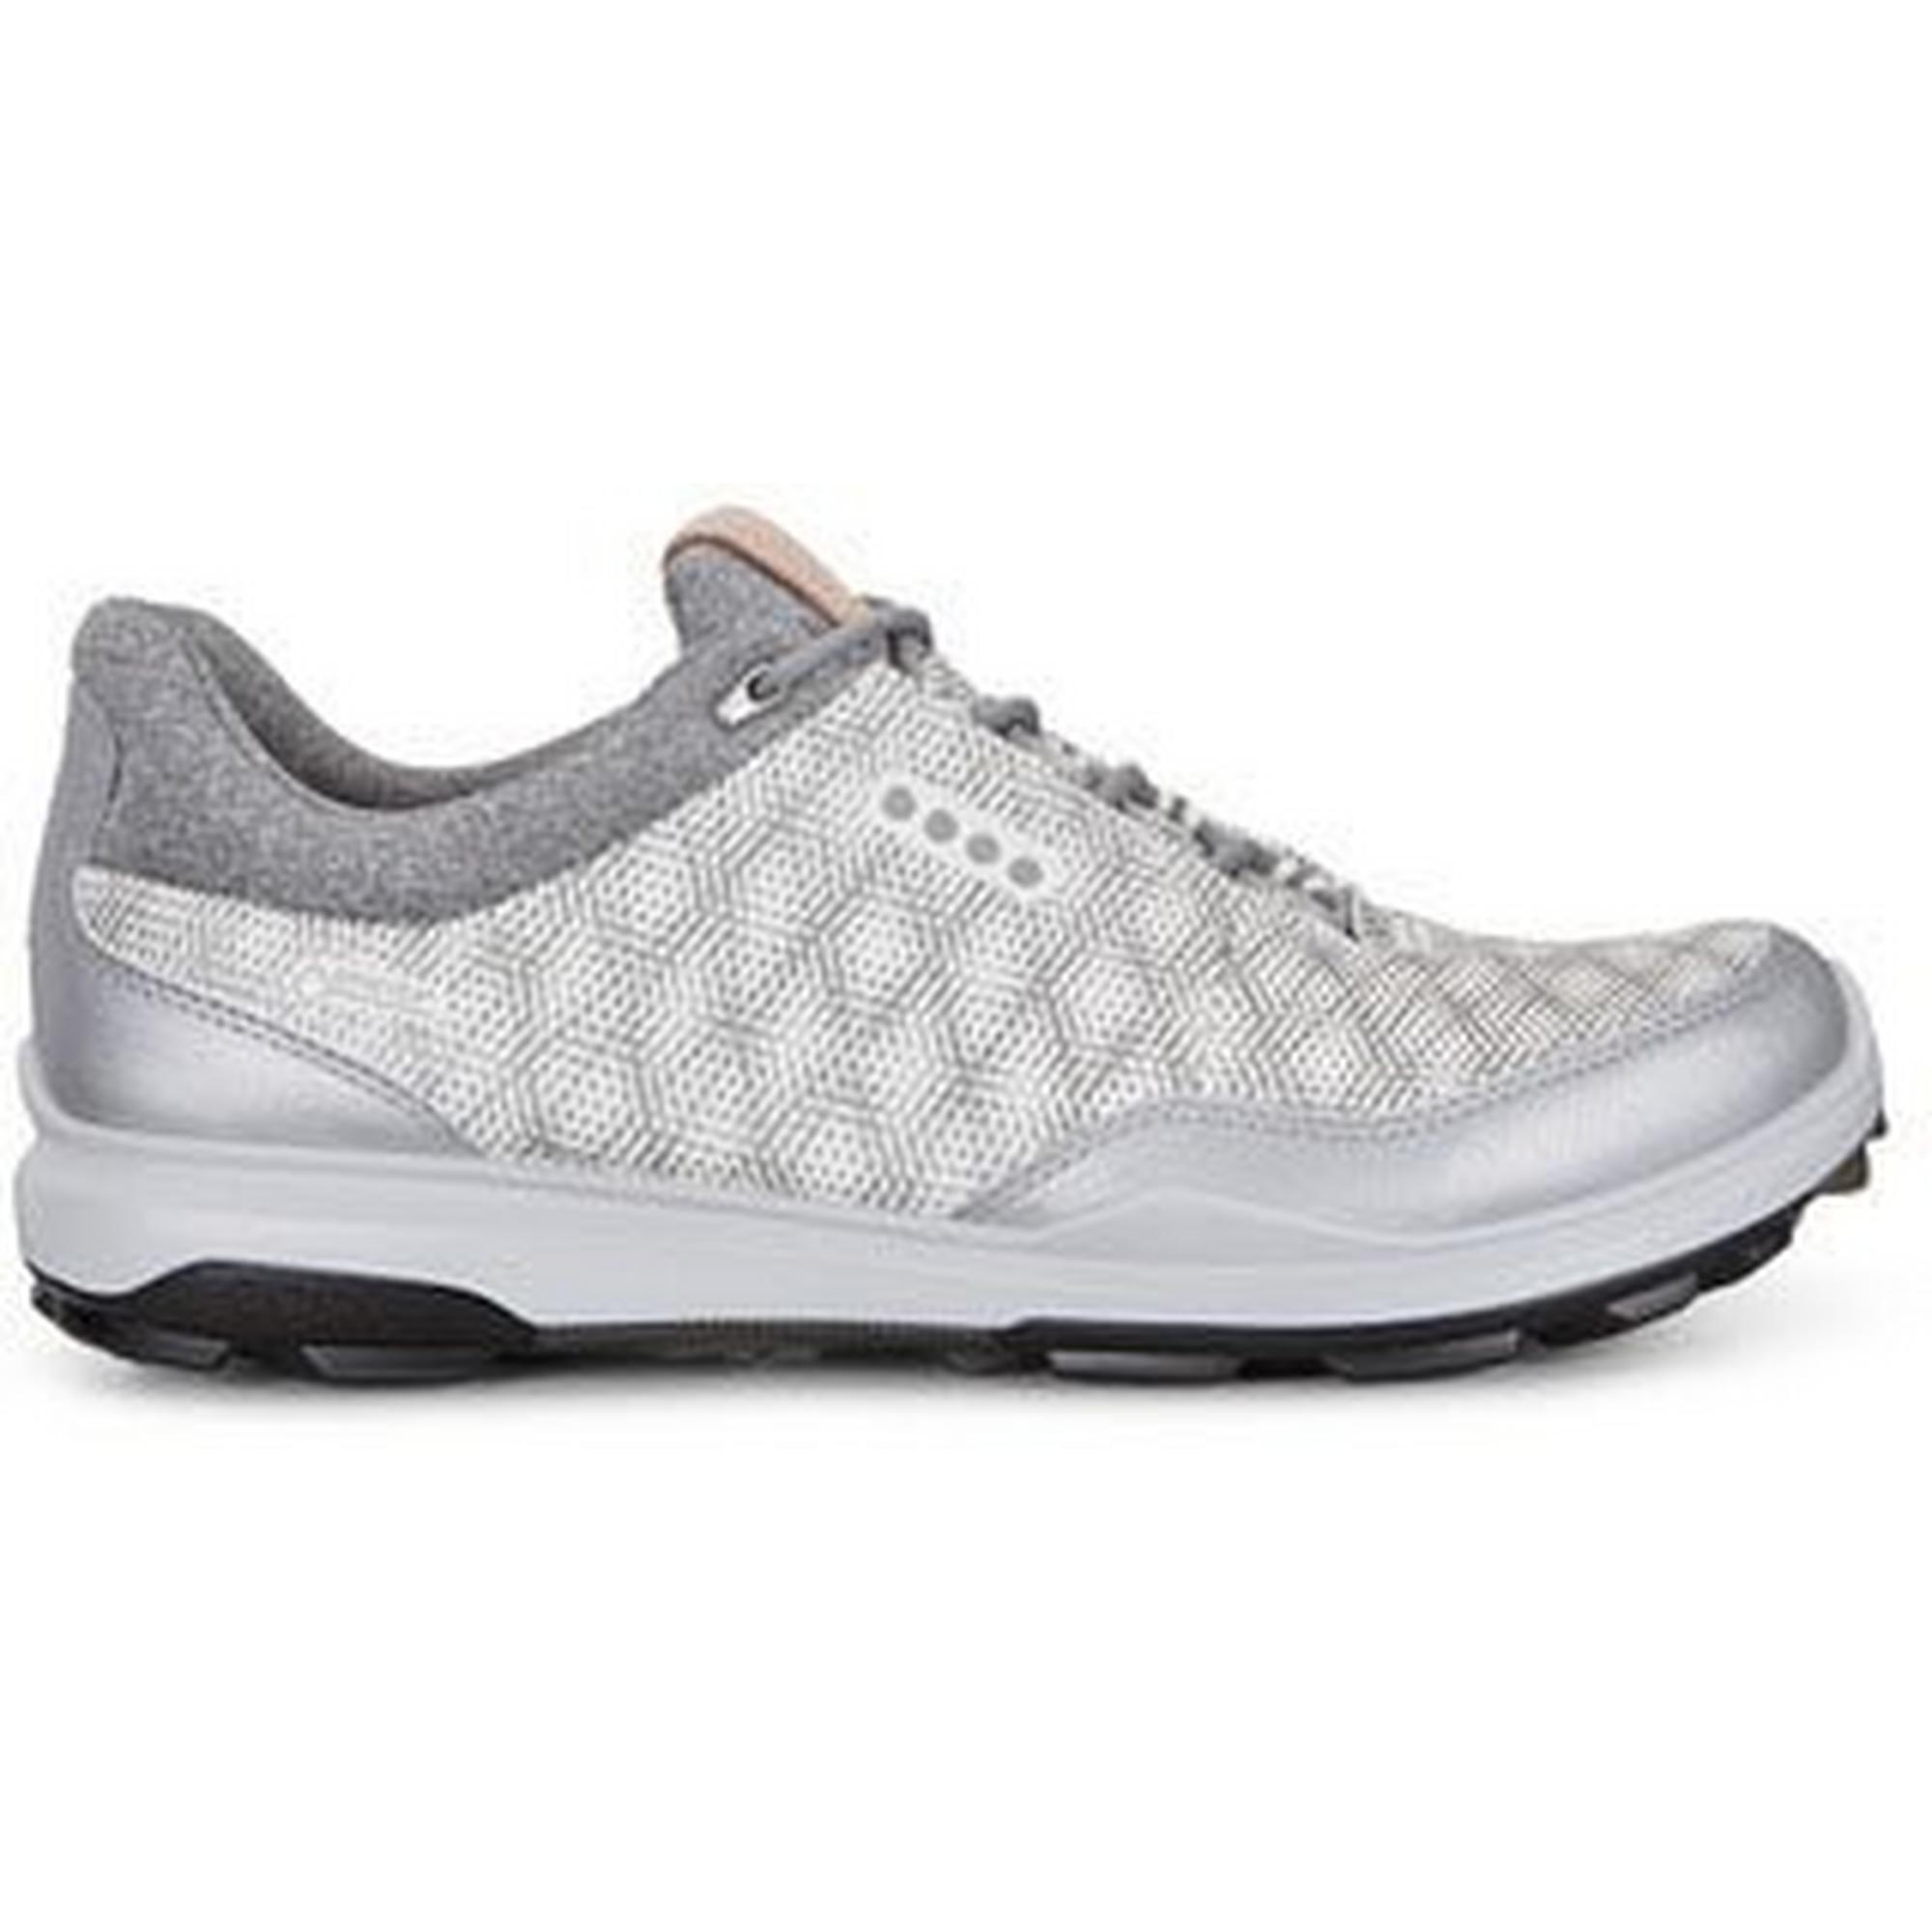 Mens Goretex Biom Hybird 3 Print Spikeless Golf Shoe - WHT/SIL